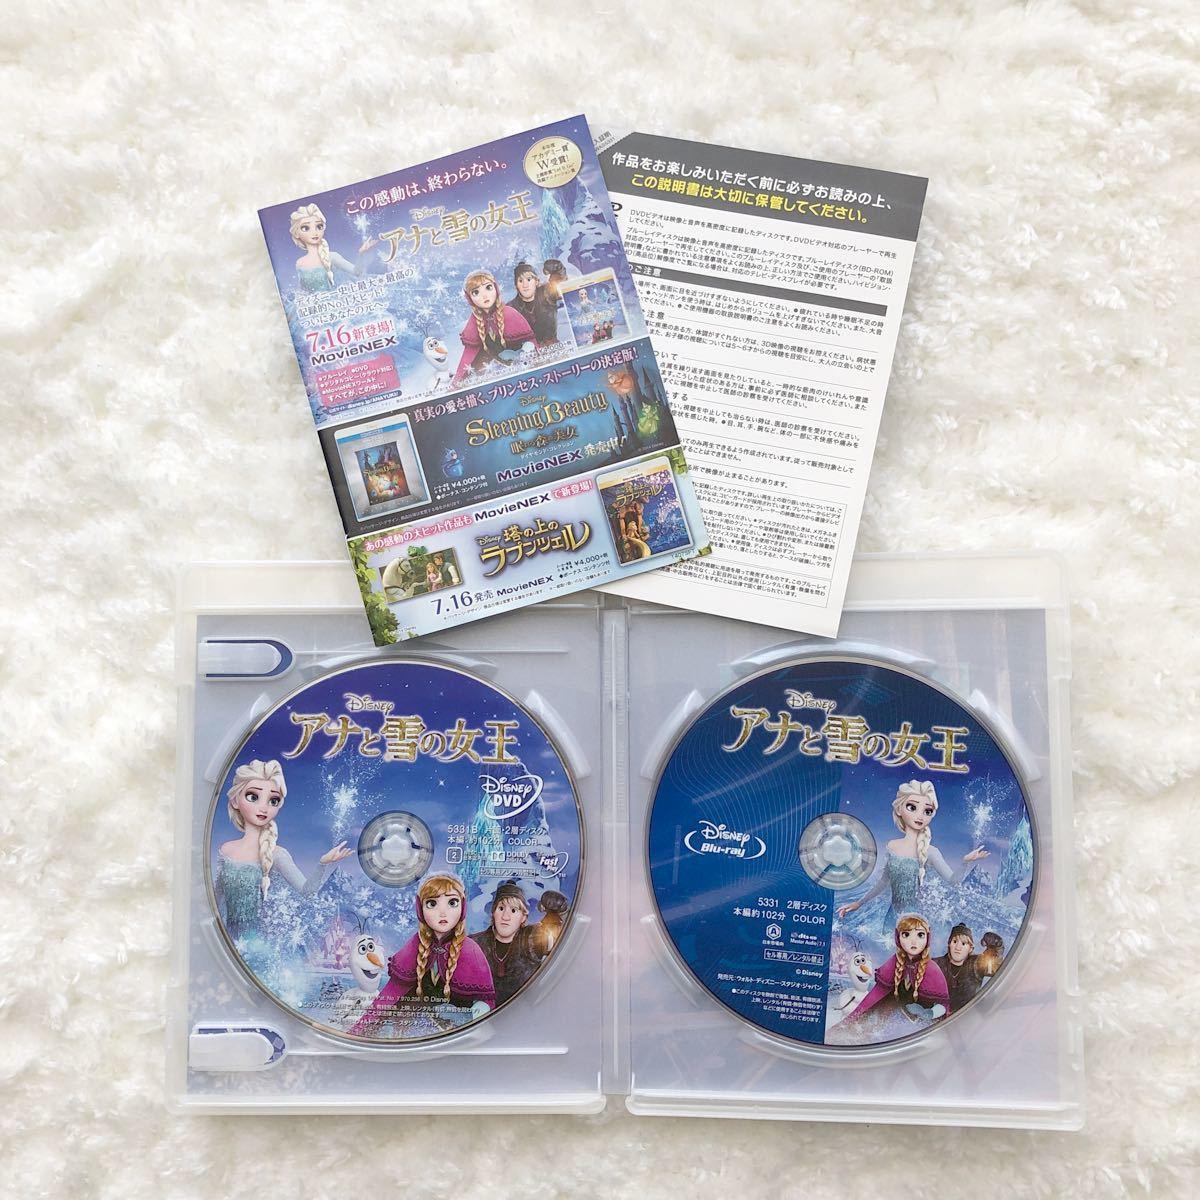 アナと雪の女王 Blu-ray DVD   Disney